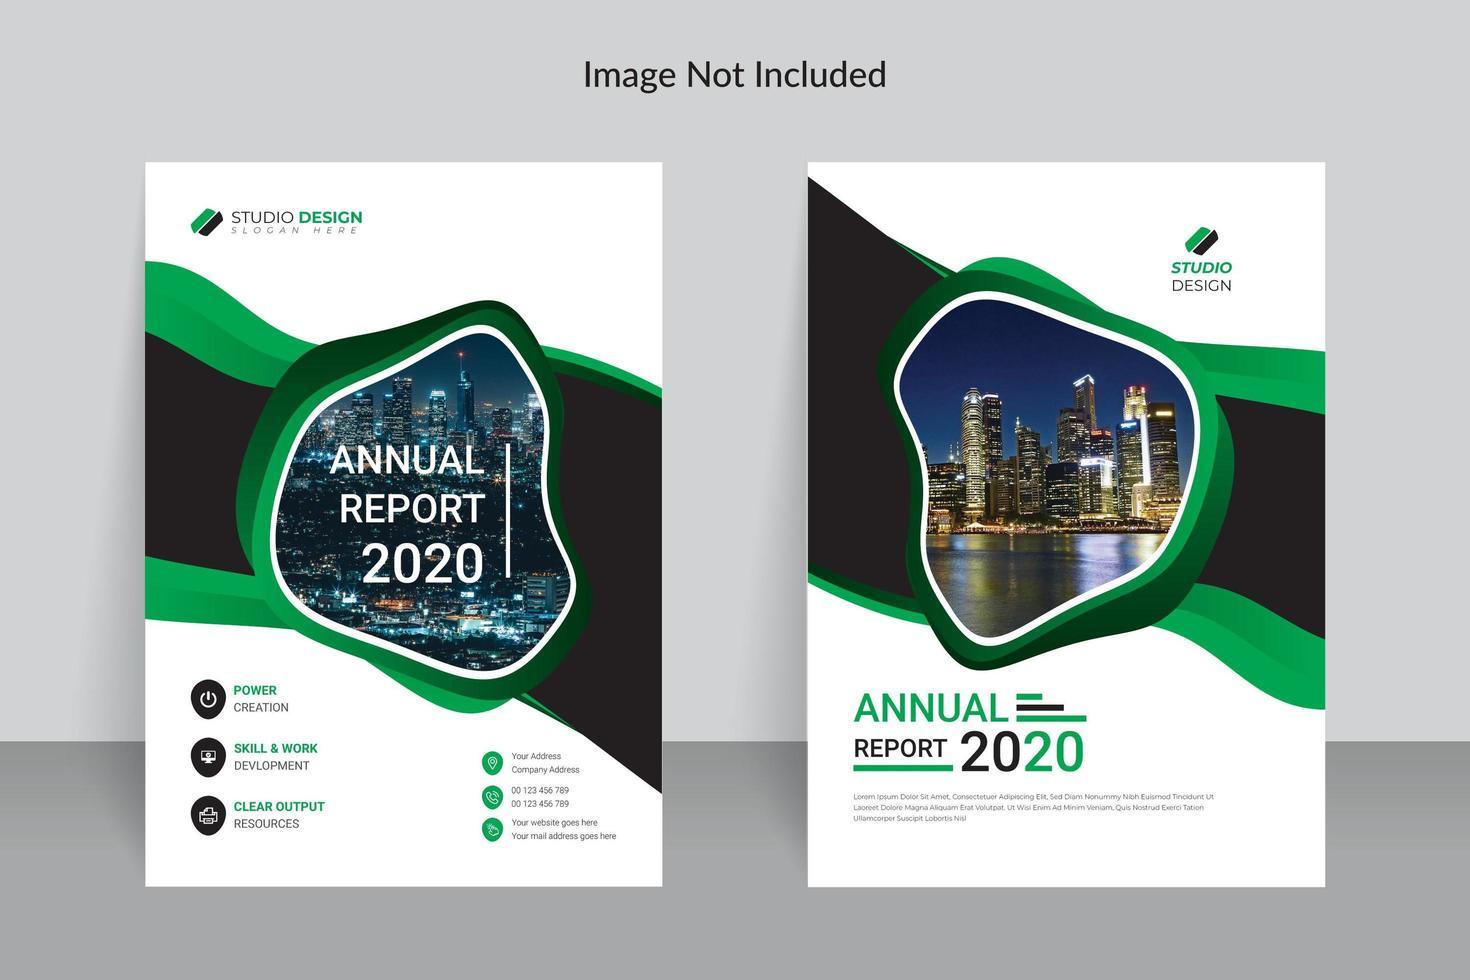 conception de modèle de rapport annuel entreprise vert et blanc vecteur